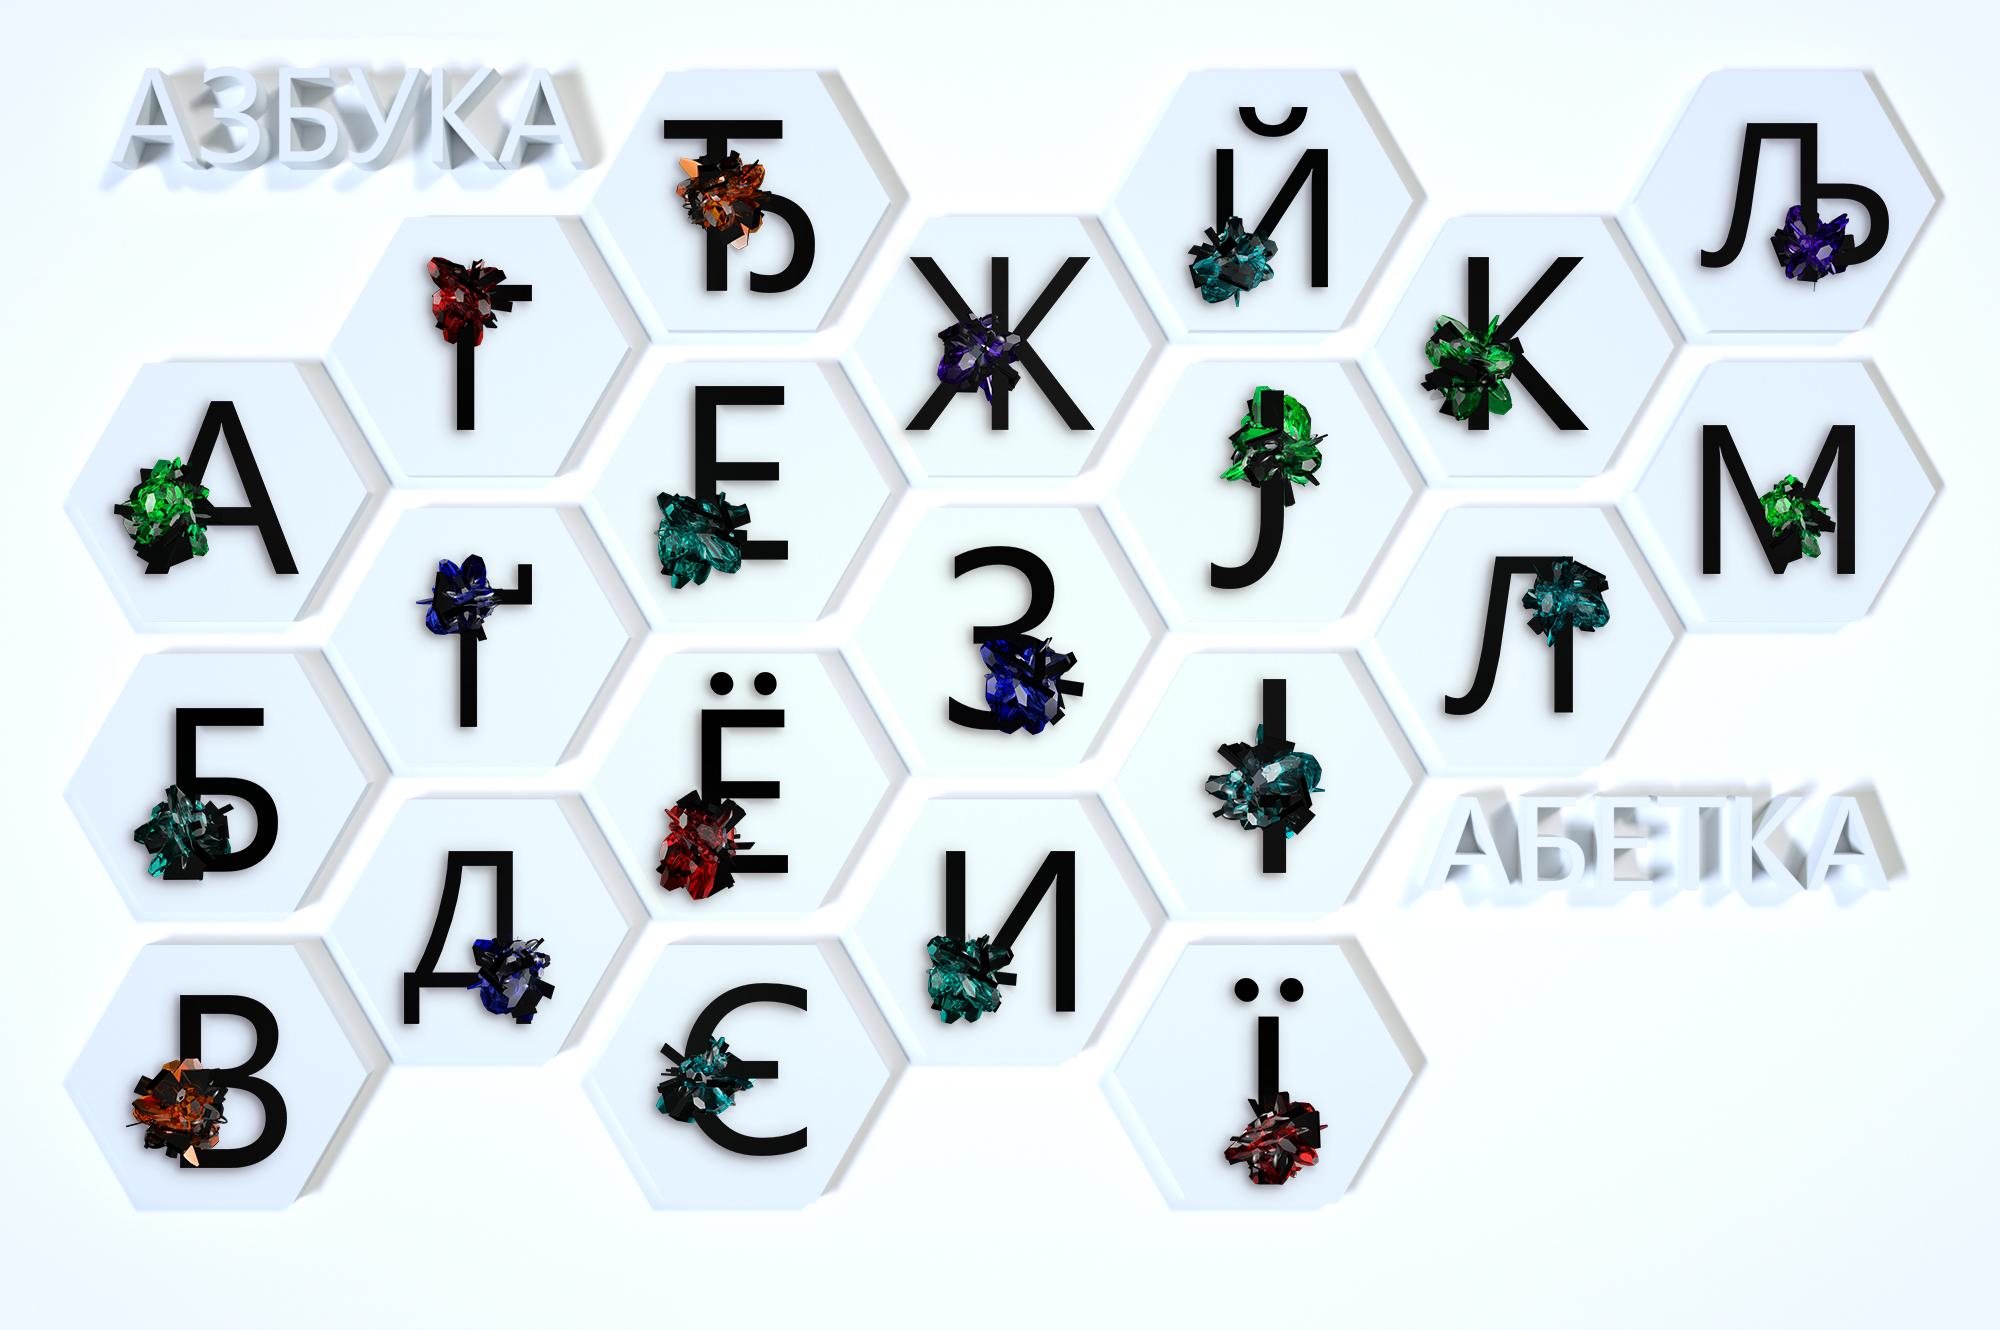 Crystal|Azbuka|Alphabet example image 4